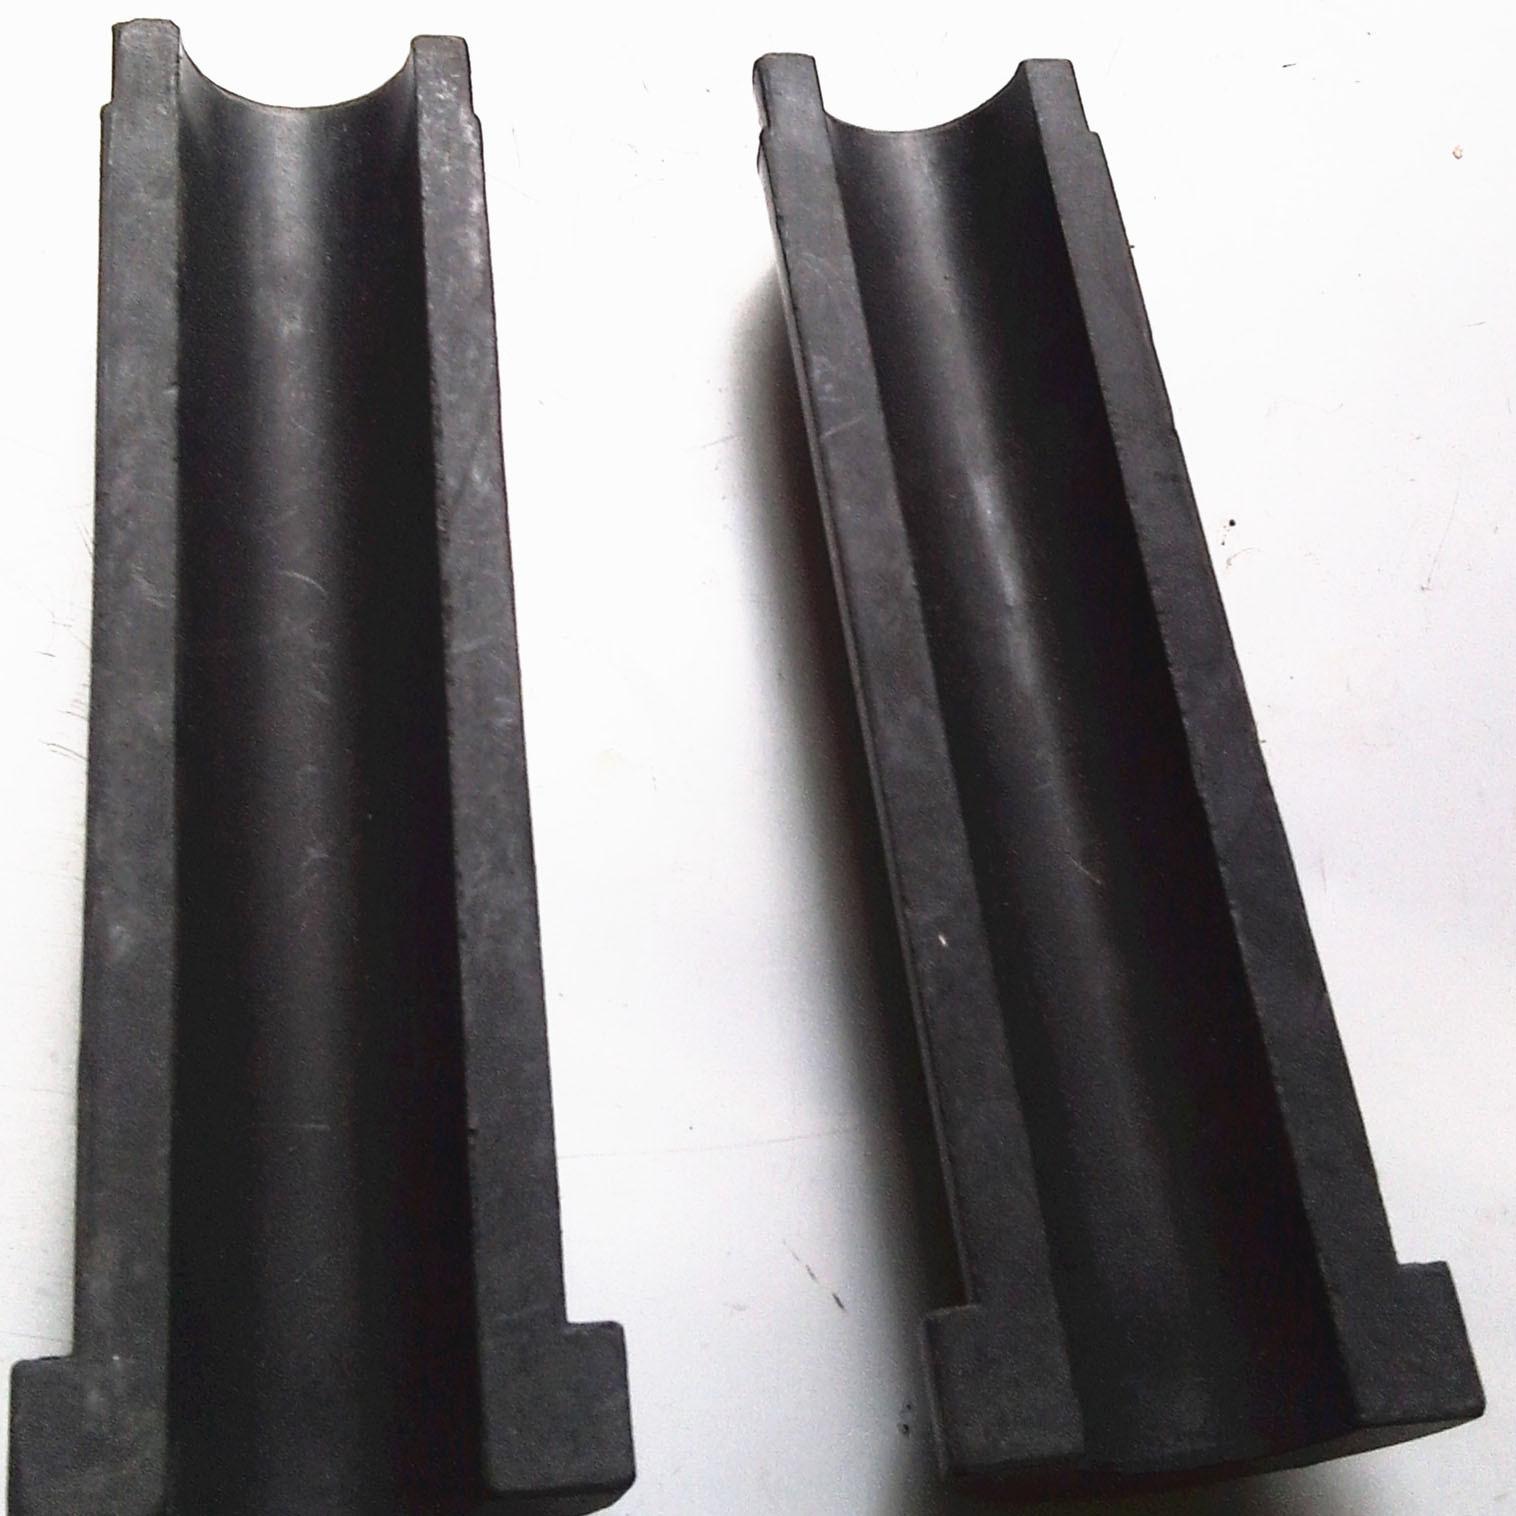 耐磨垫稳绳滑套用途罐笼用滑套